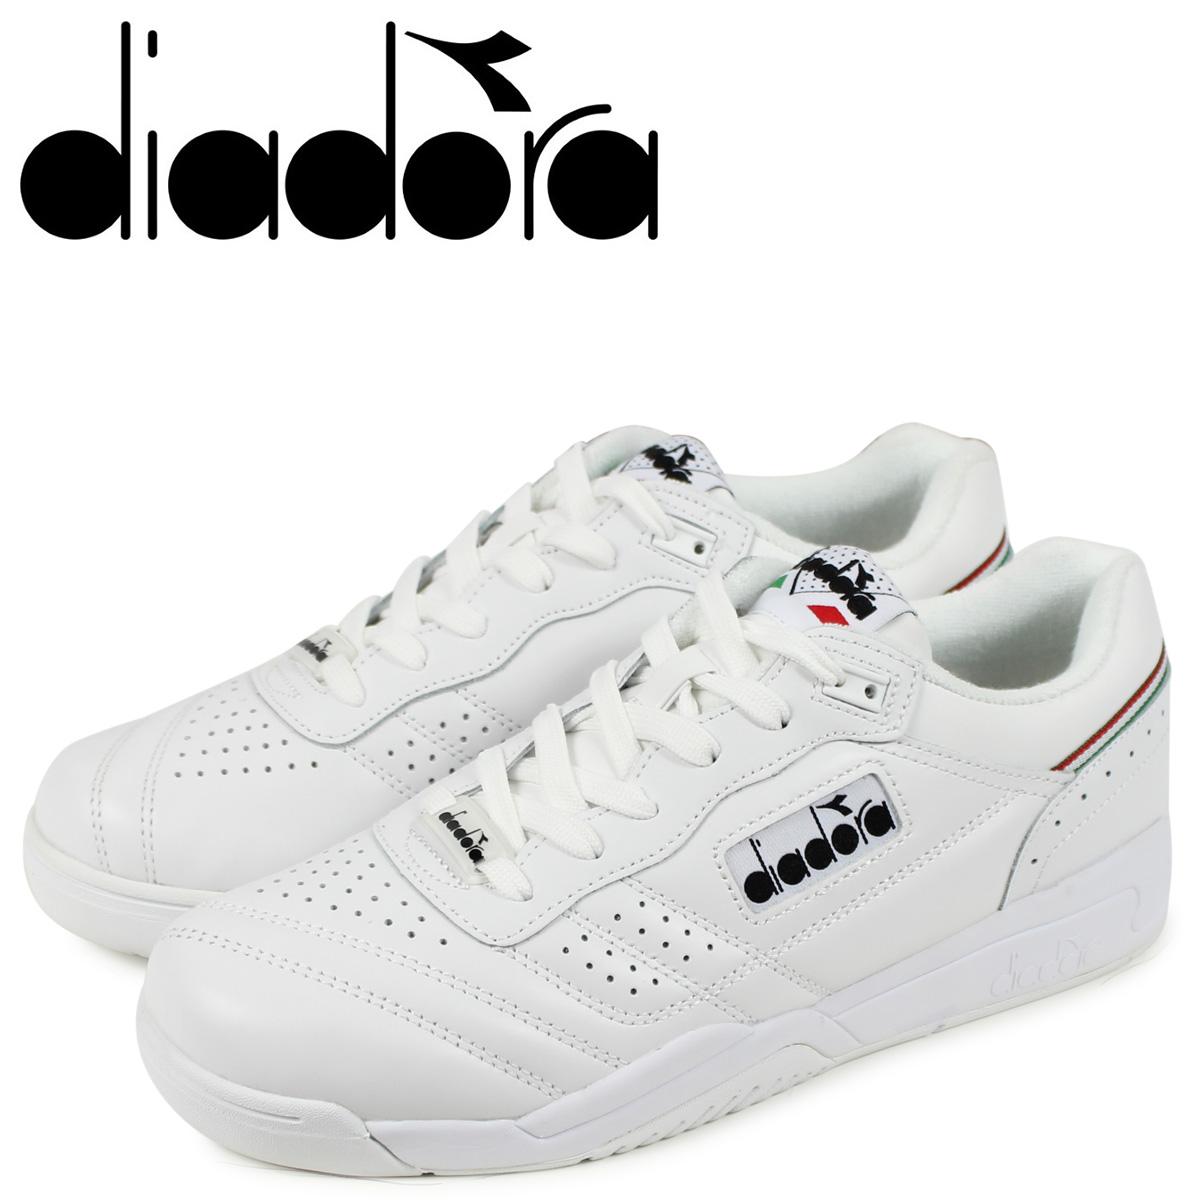 Diadora ディアドラ アクション スニーカー メンズ ACTION ホワイト 白 175361-0006